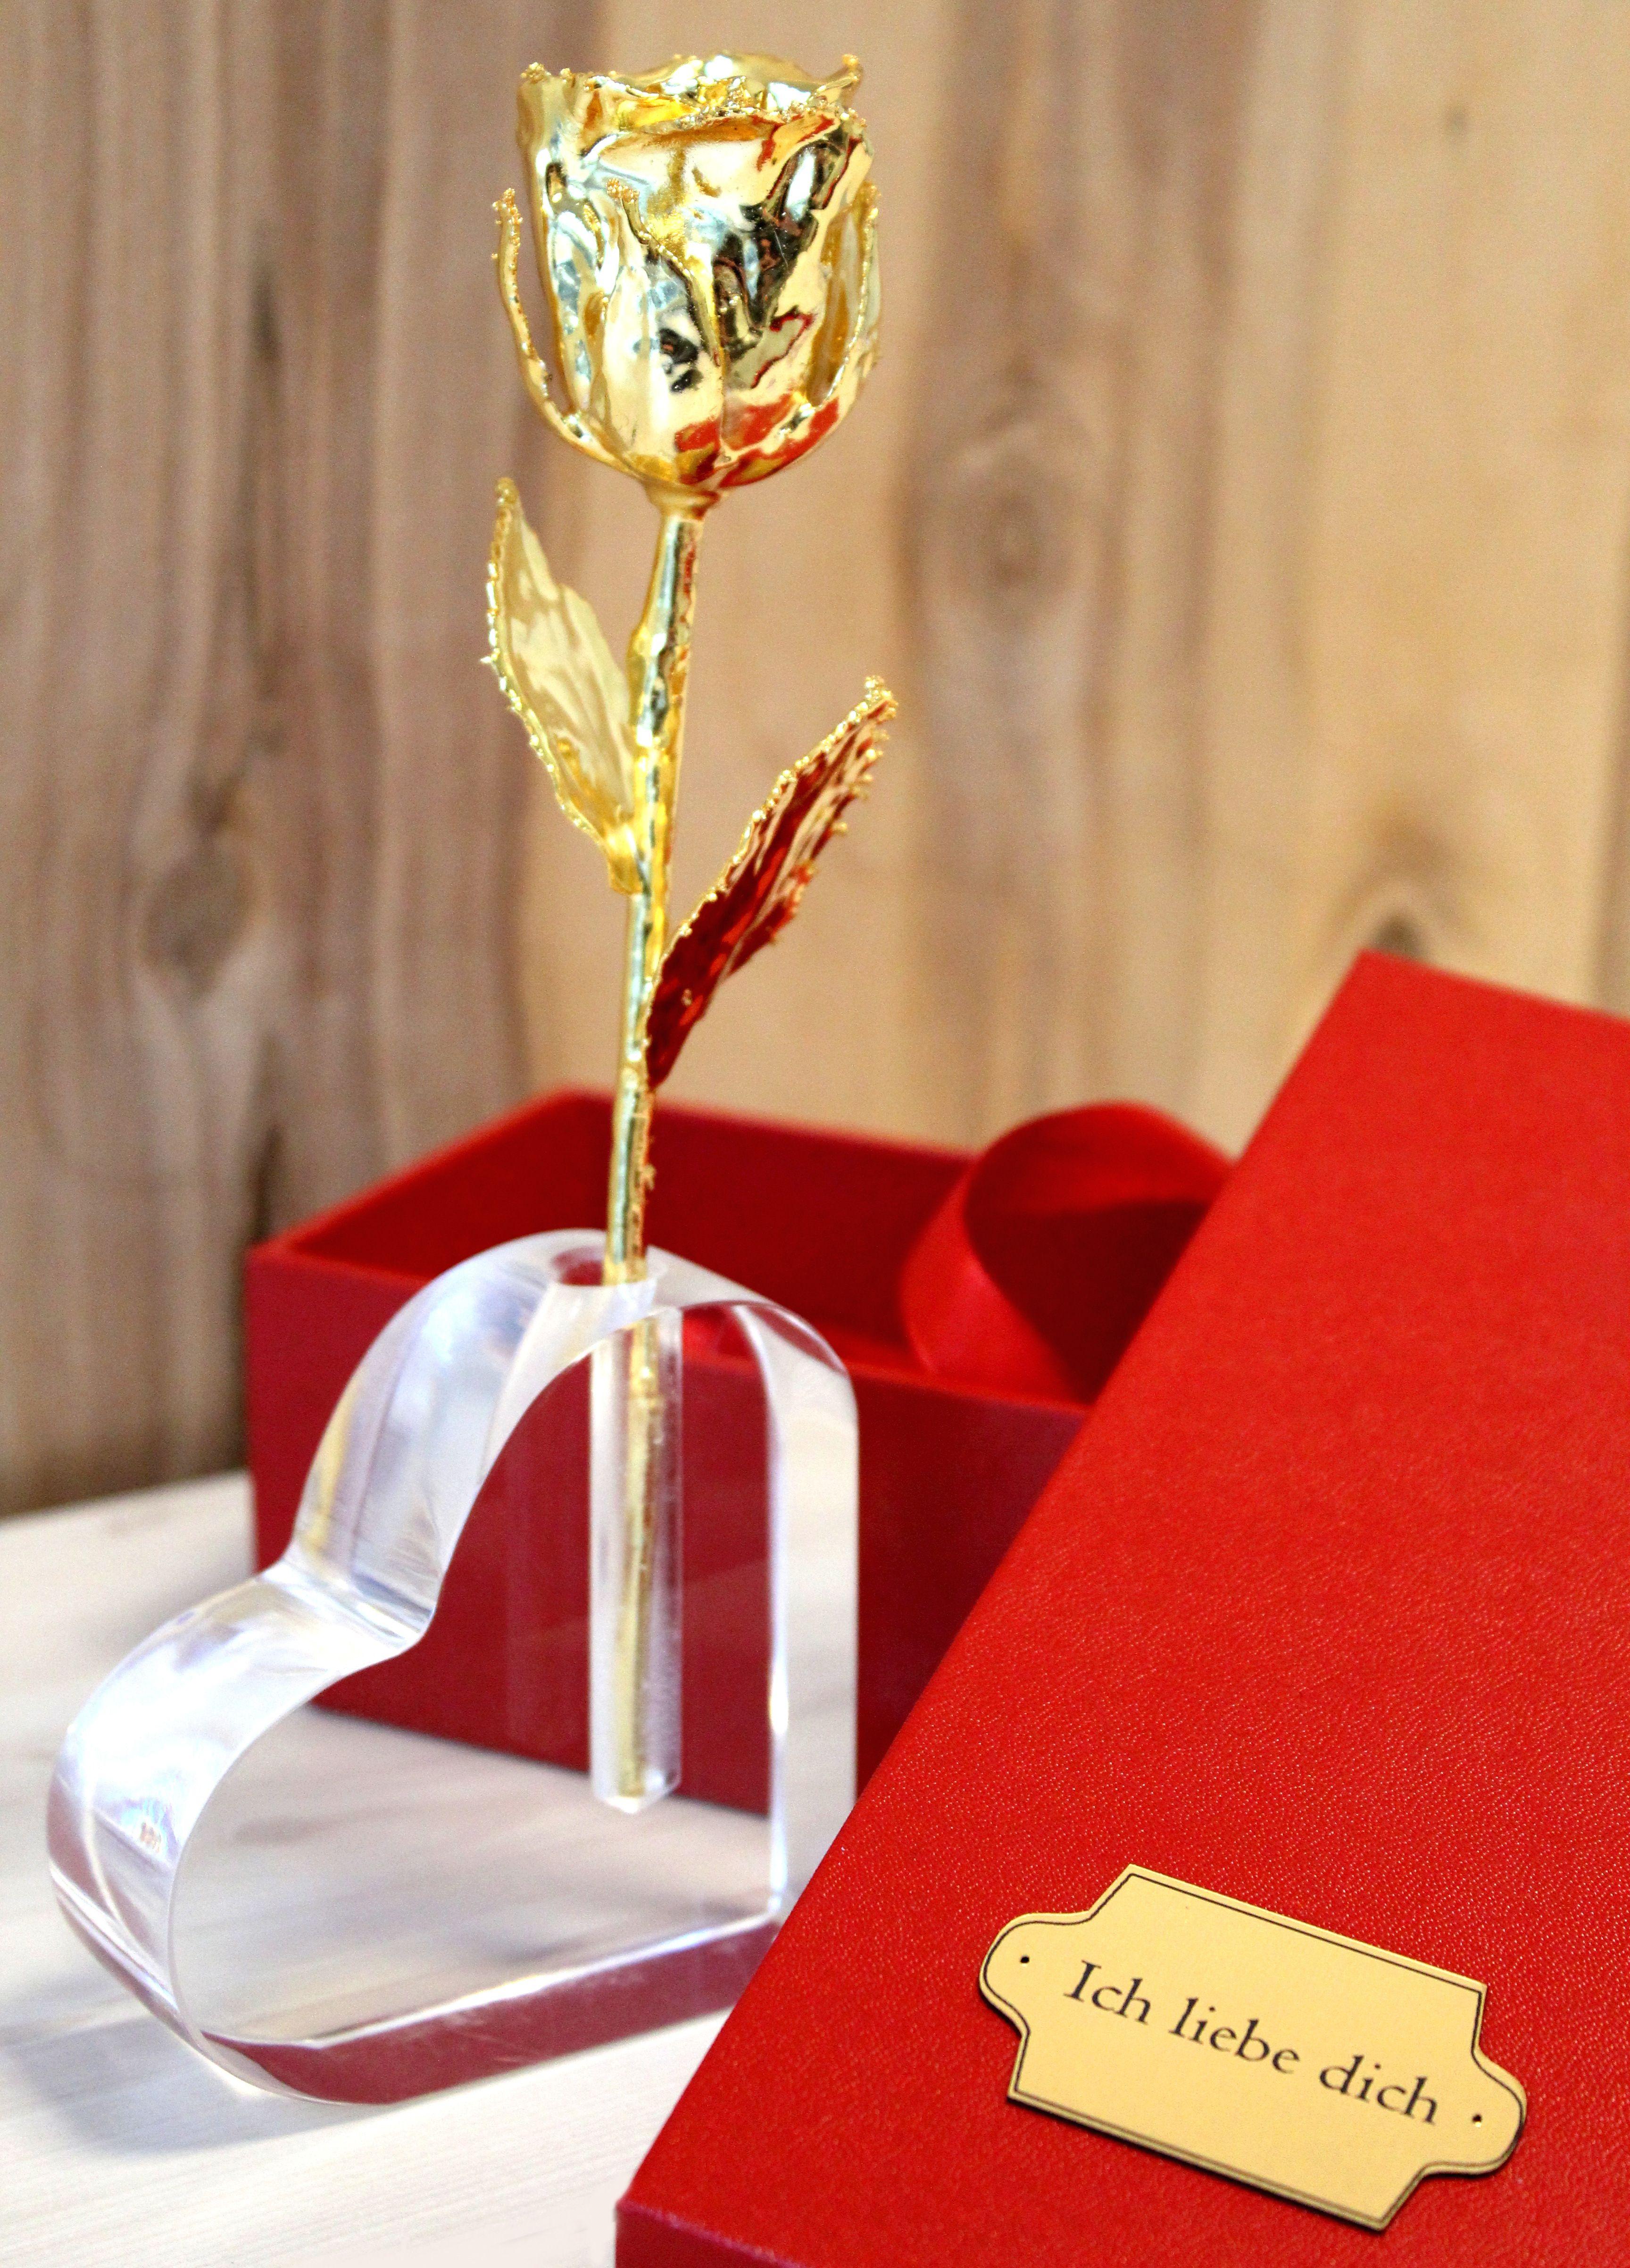 Die Vergoldete Rose Rosen Zum Valentinstag Geschenkideen Geschenk Ehefrau